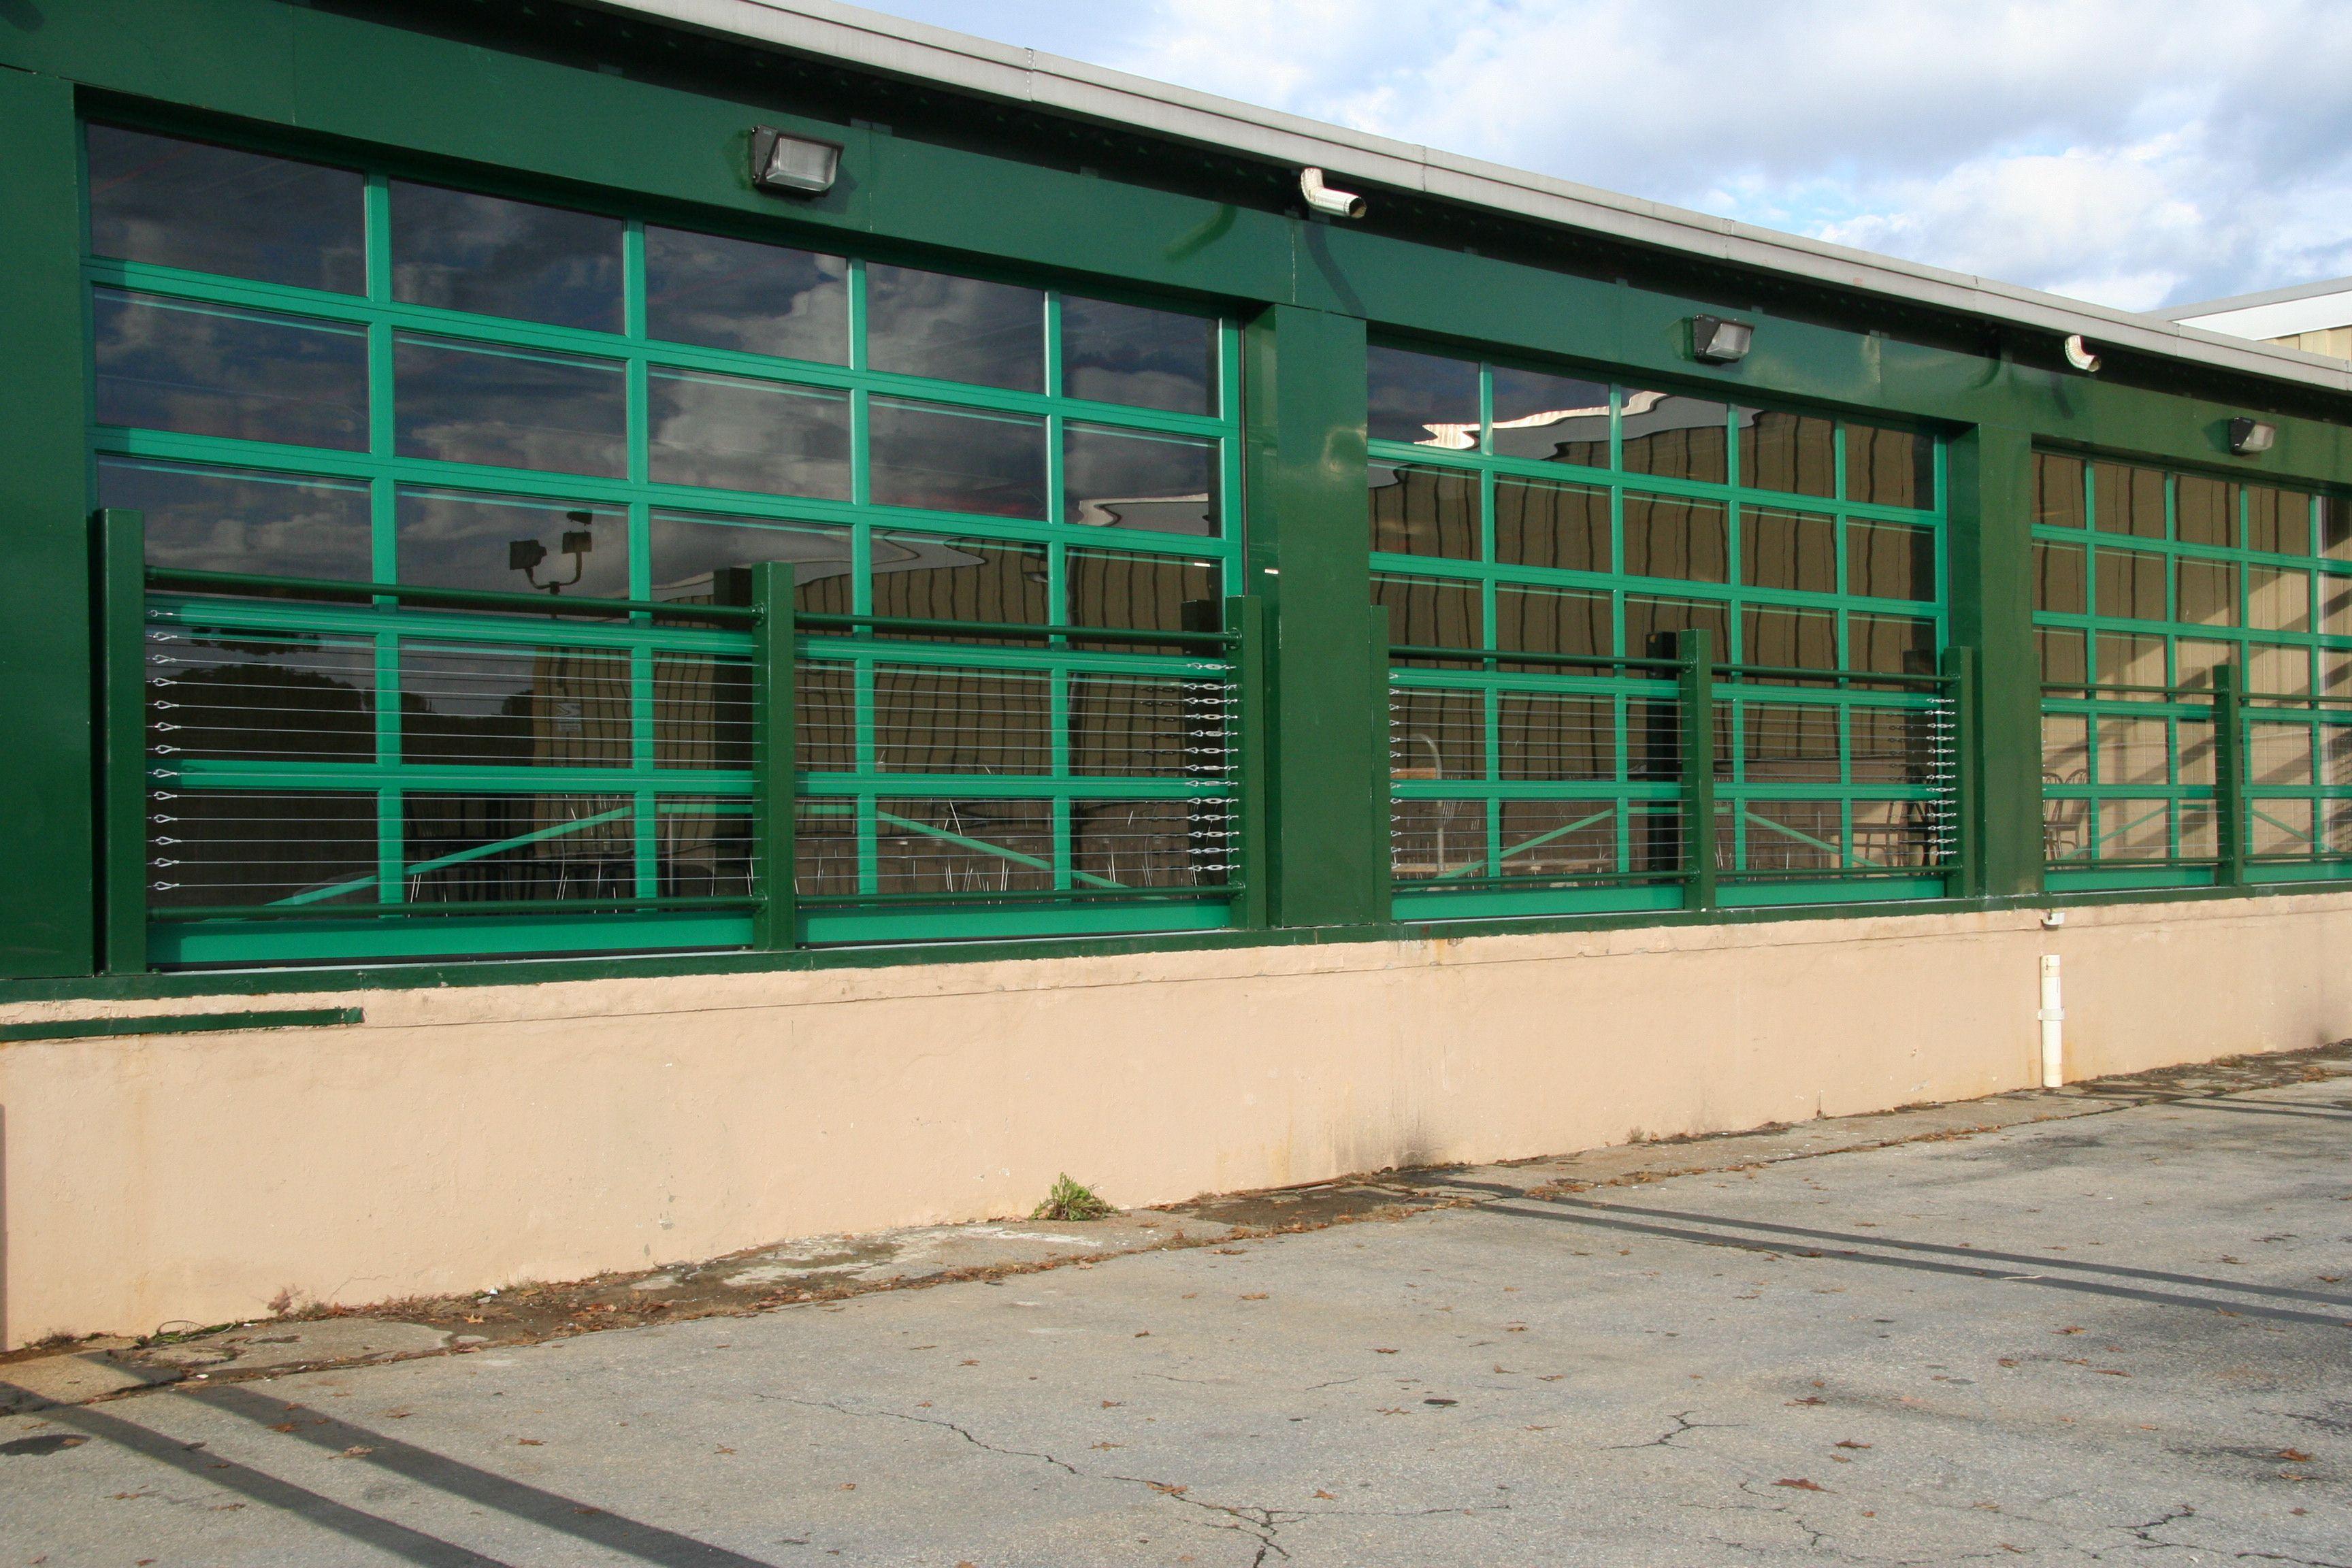 Raynor Alumaview Ral Colors Dutchess Raynor Garage Doors U0026 Dutchess  Overhead Doors, ...